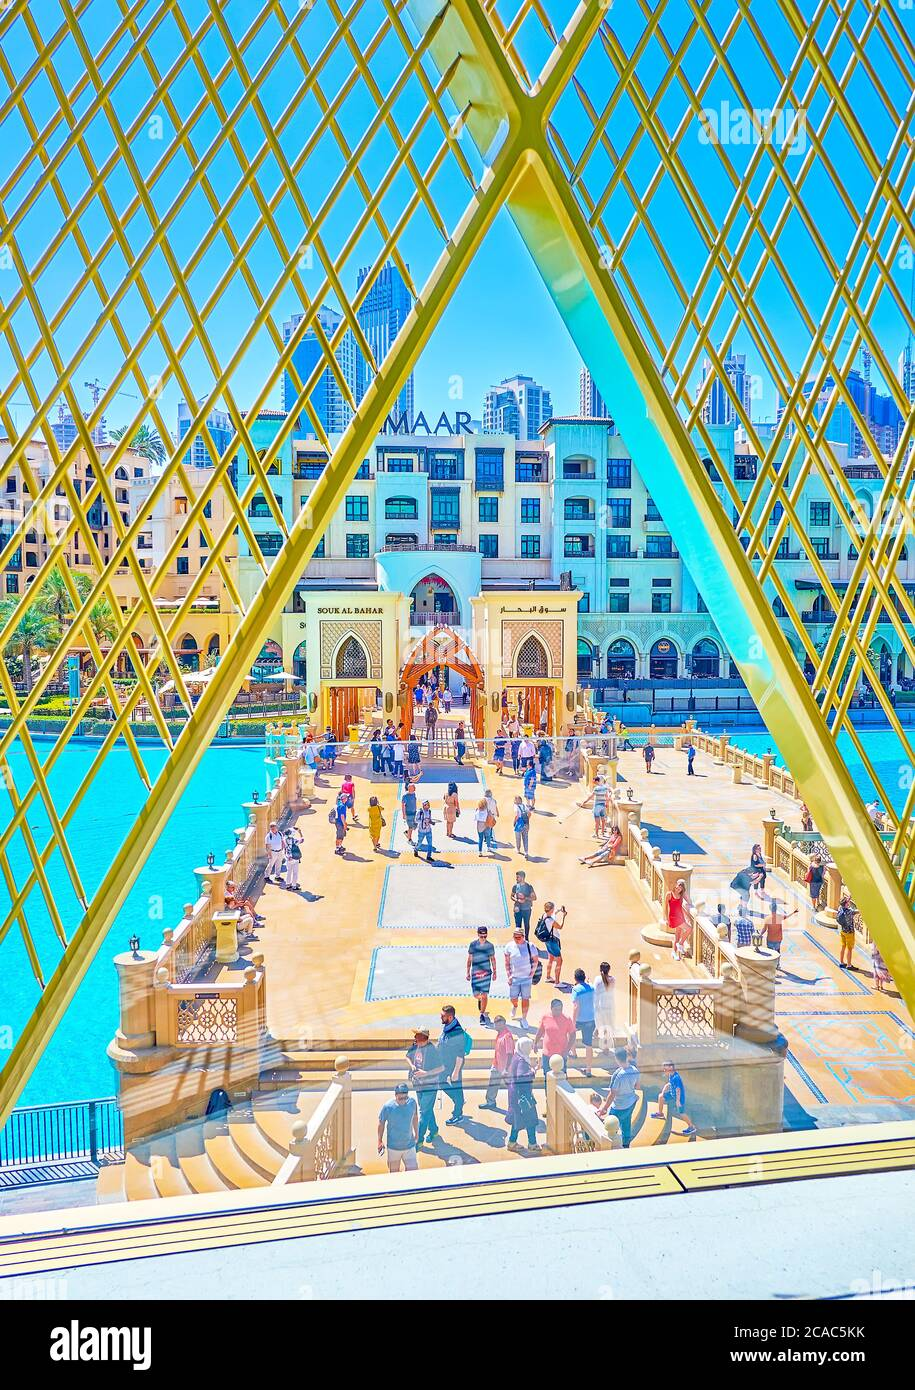 DUBAI, VAE - 3. MÄRZ 2020: Der Blick vom Balkon aus durch die Metallfassaden der Dubai Mall auf den beeindruckenden Al Bahar Souq und die Brücke in Ar Stockfoto